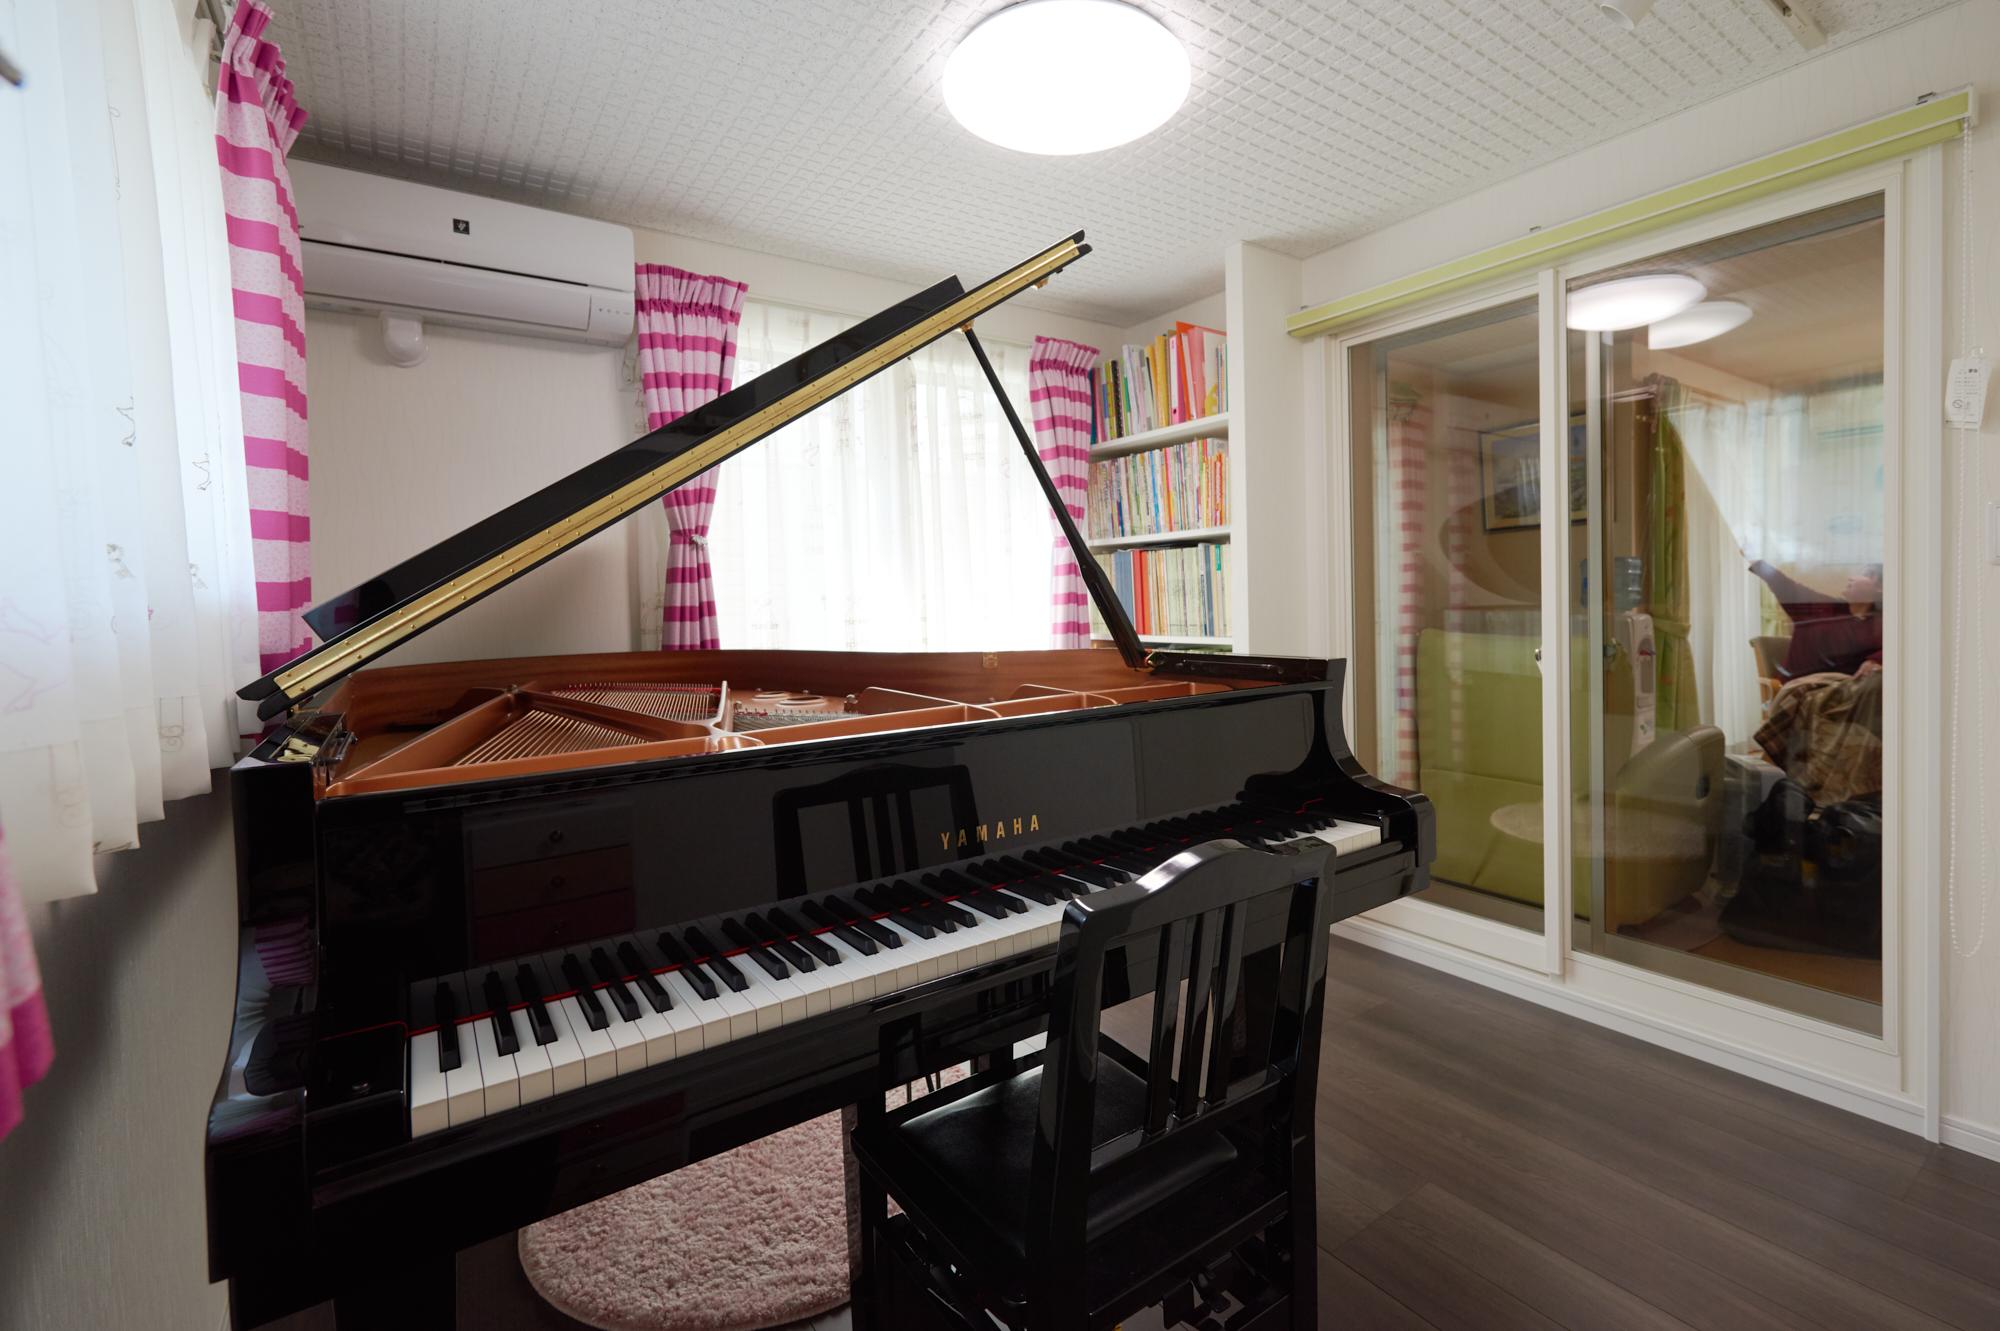 神奈川県川崎市 H様邸 ピアノ室